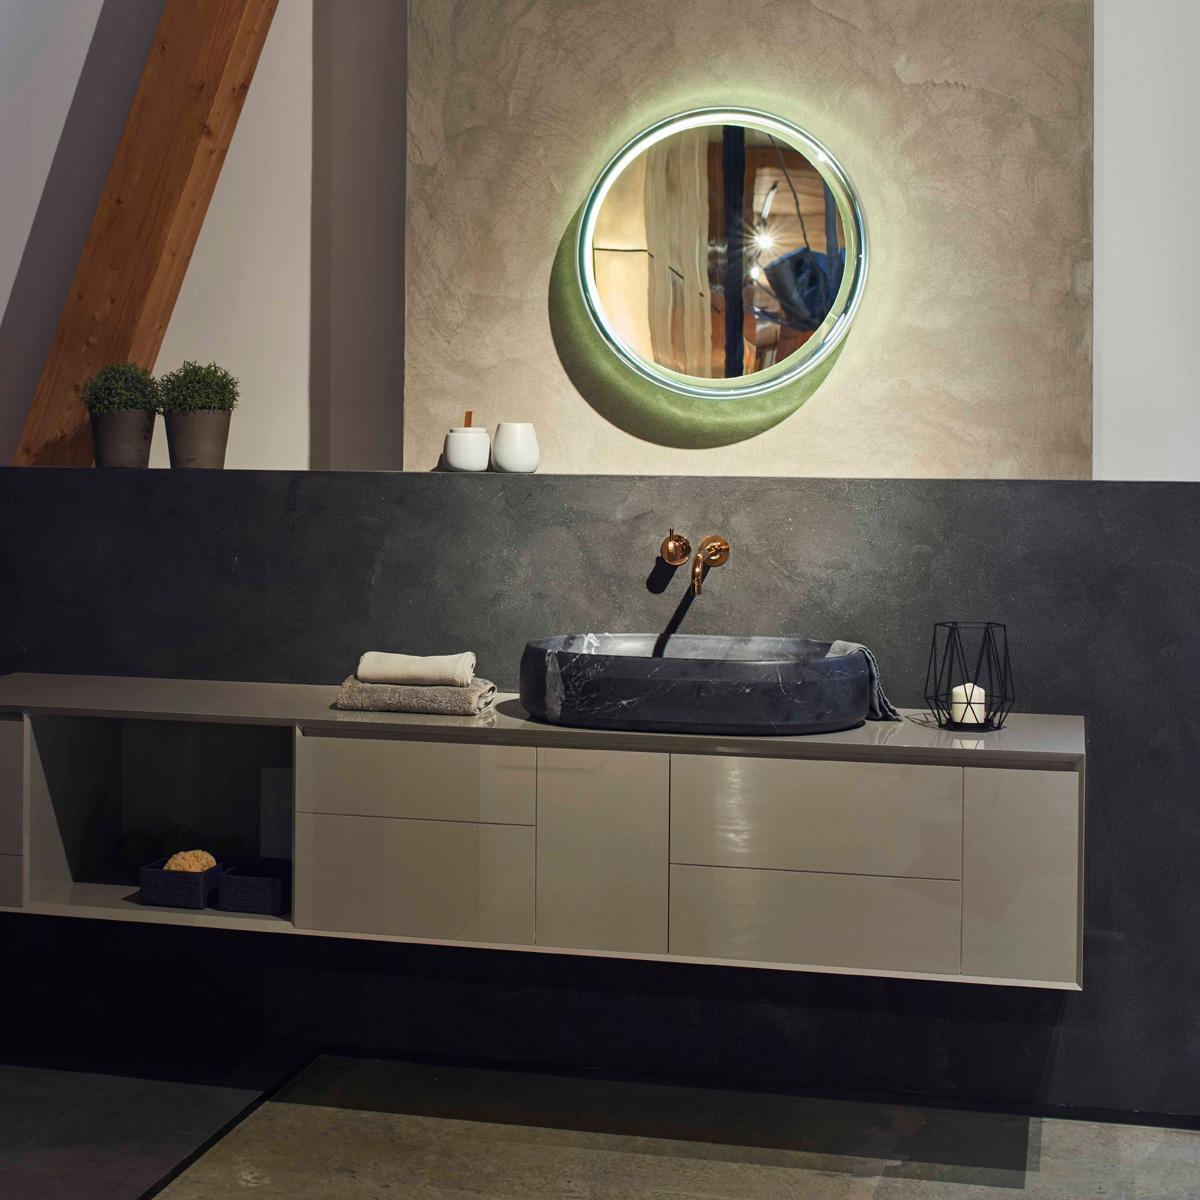 Badenixe Raubling elements architektur manufaktur badarchitektur in rosenheim das